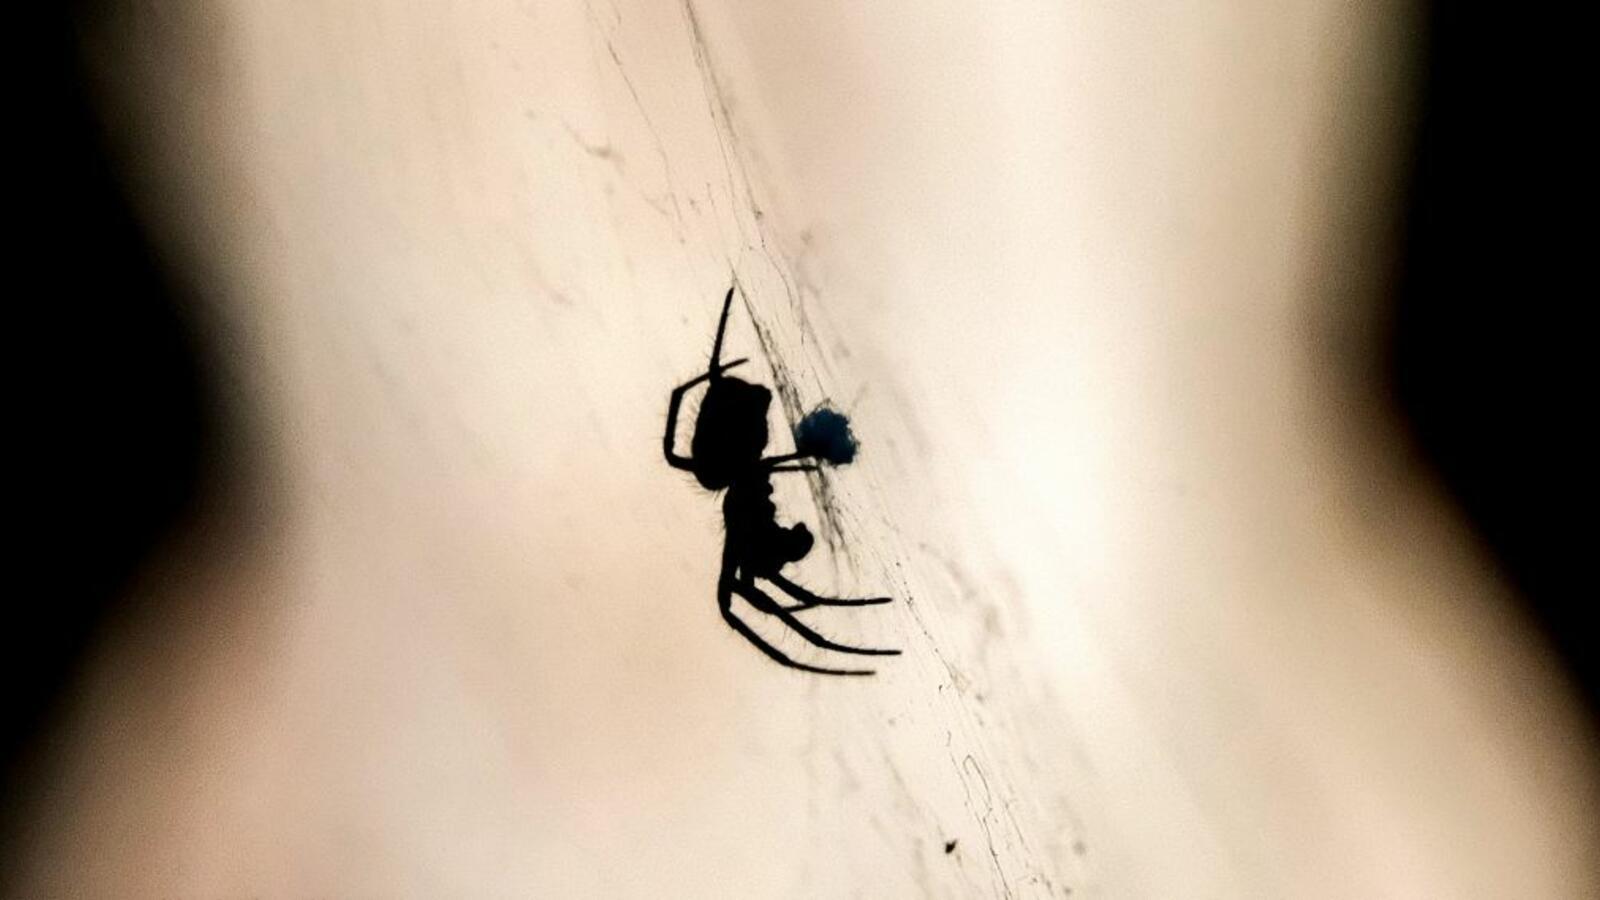 Huge Huntsman Spider Drops on Pilot as Plane Lands [VIDEO]